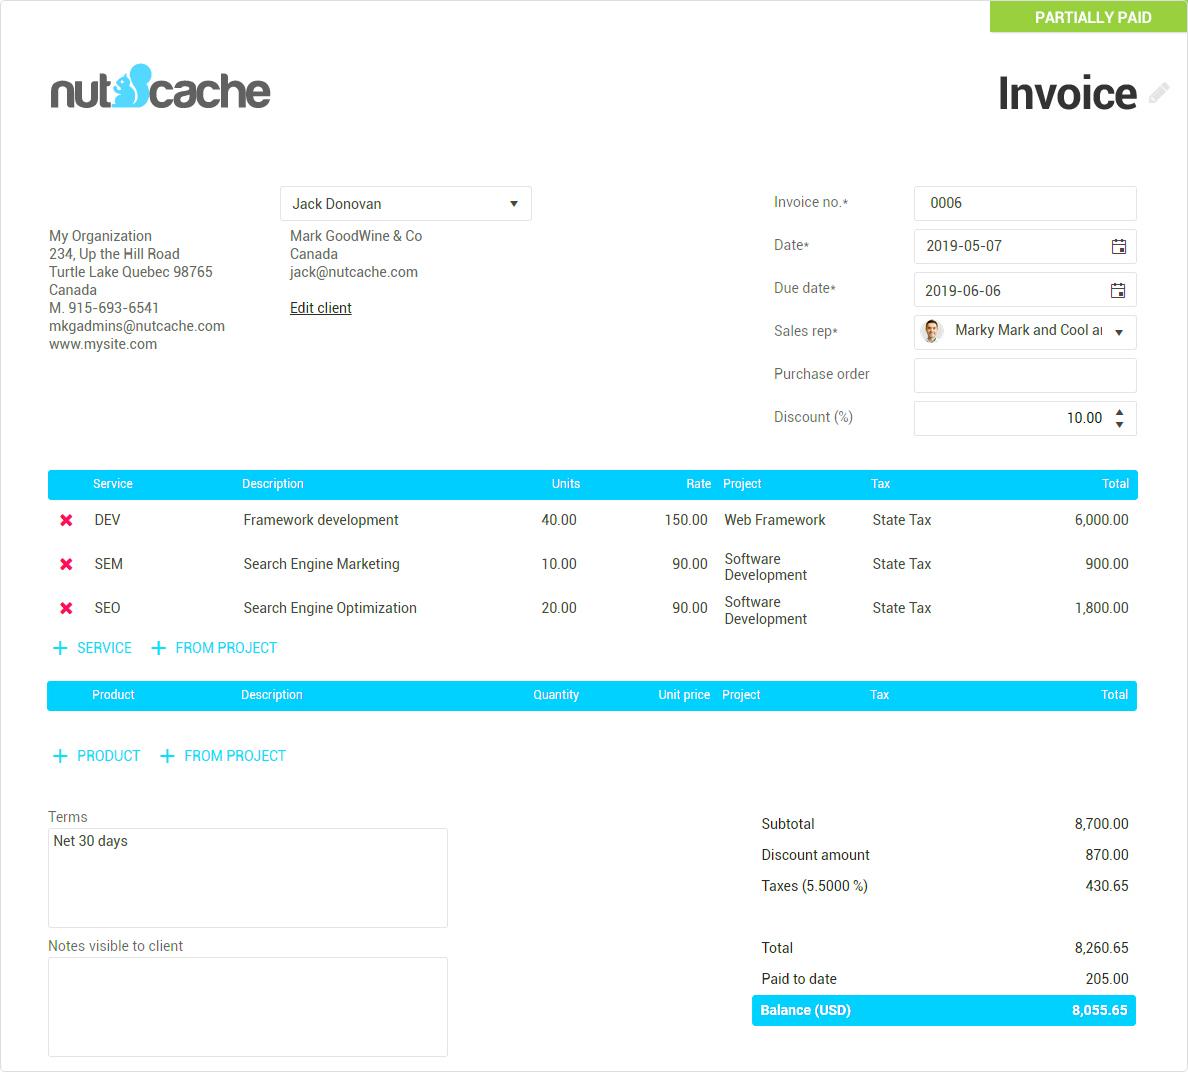 Nutcache invoice